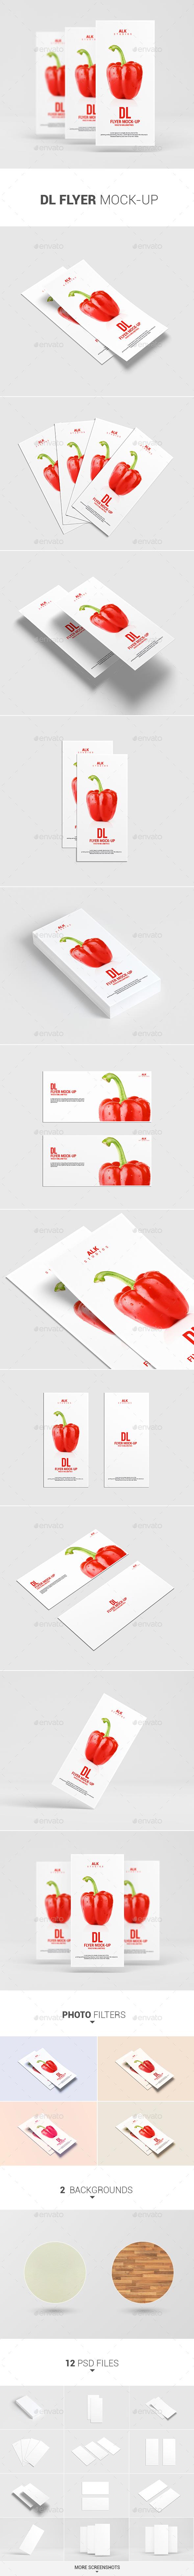 DL Flyer Mock-Up - Product Mock-Ups Graphics